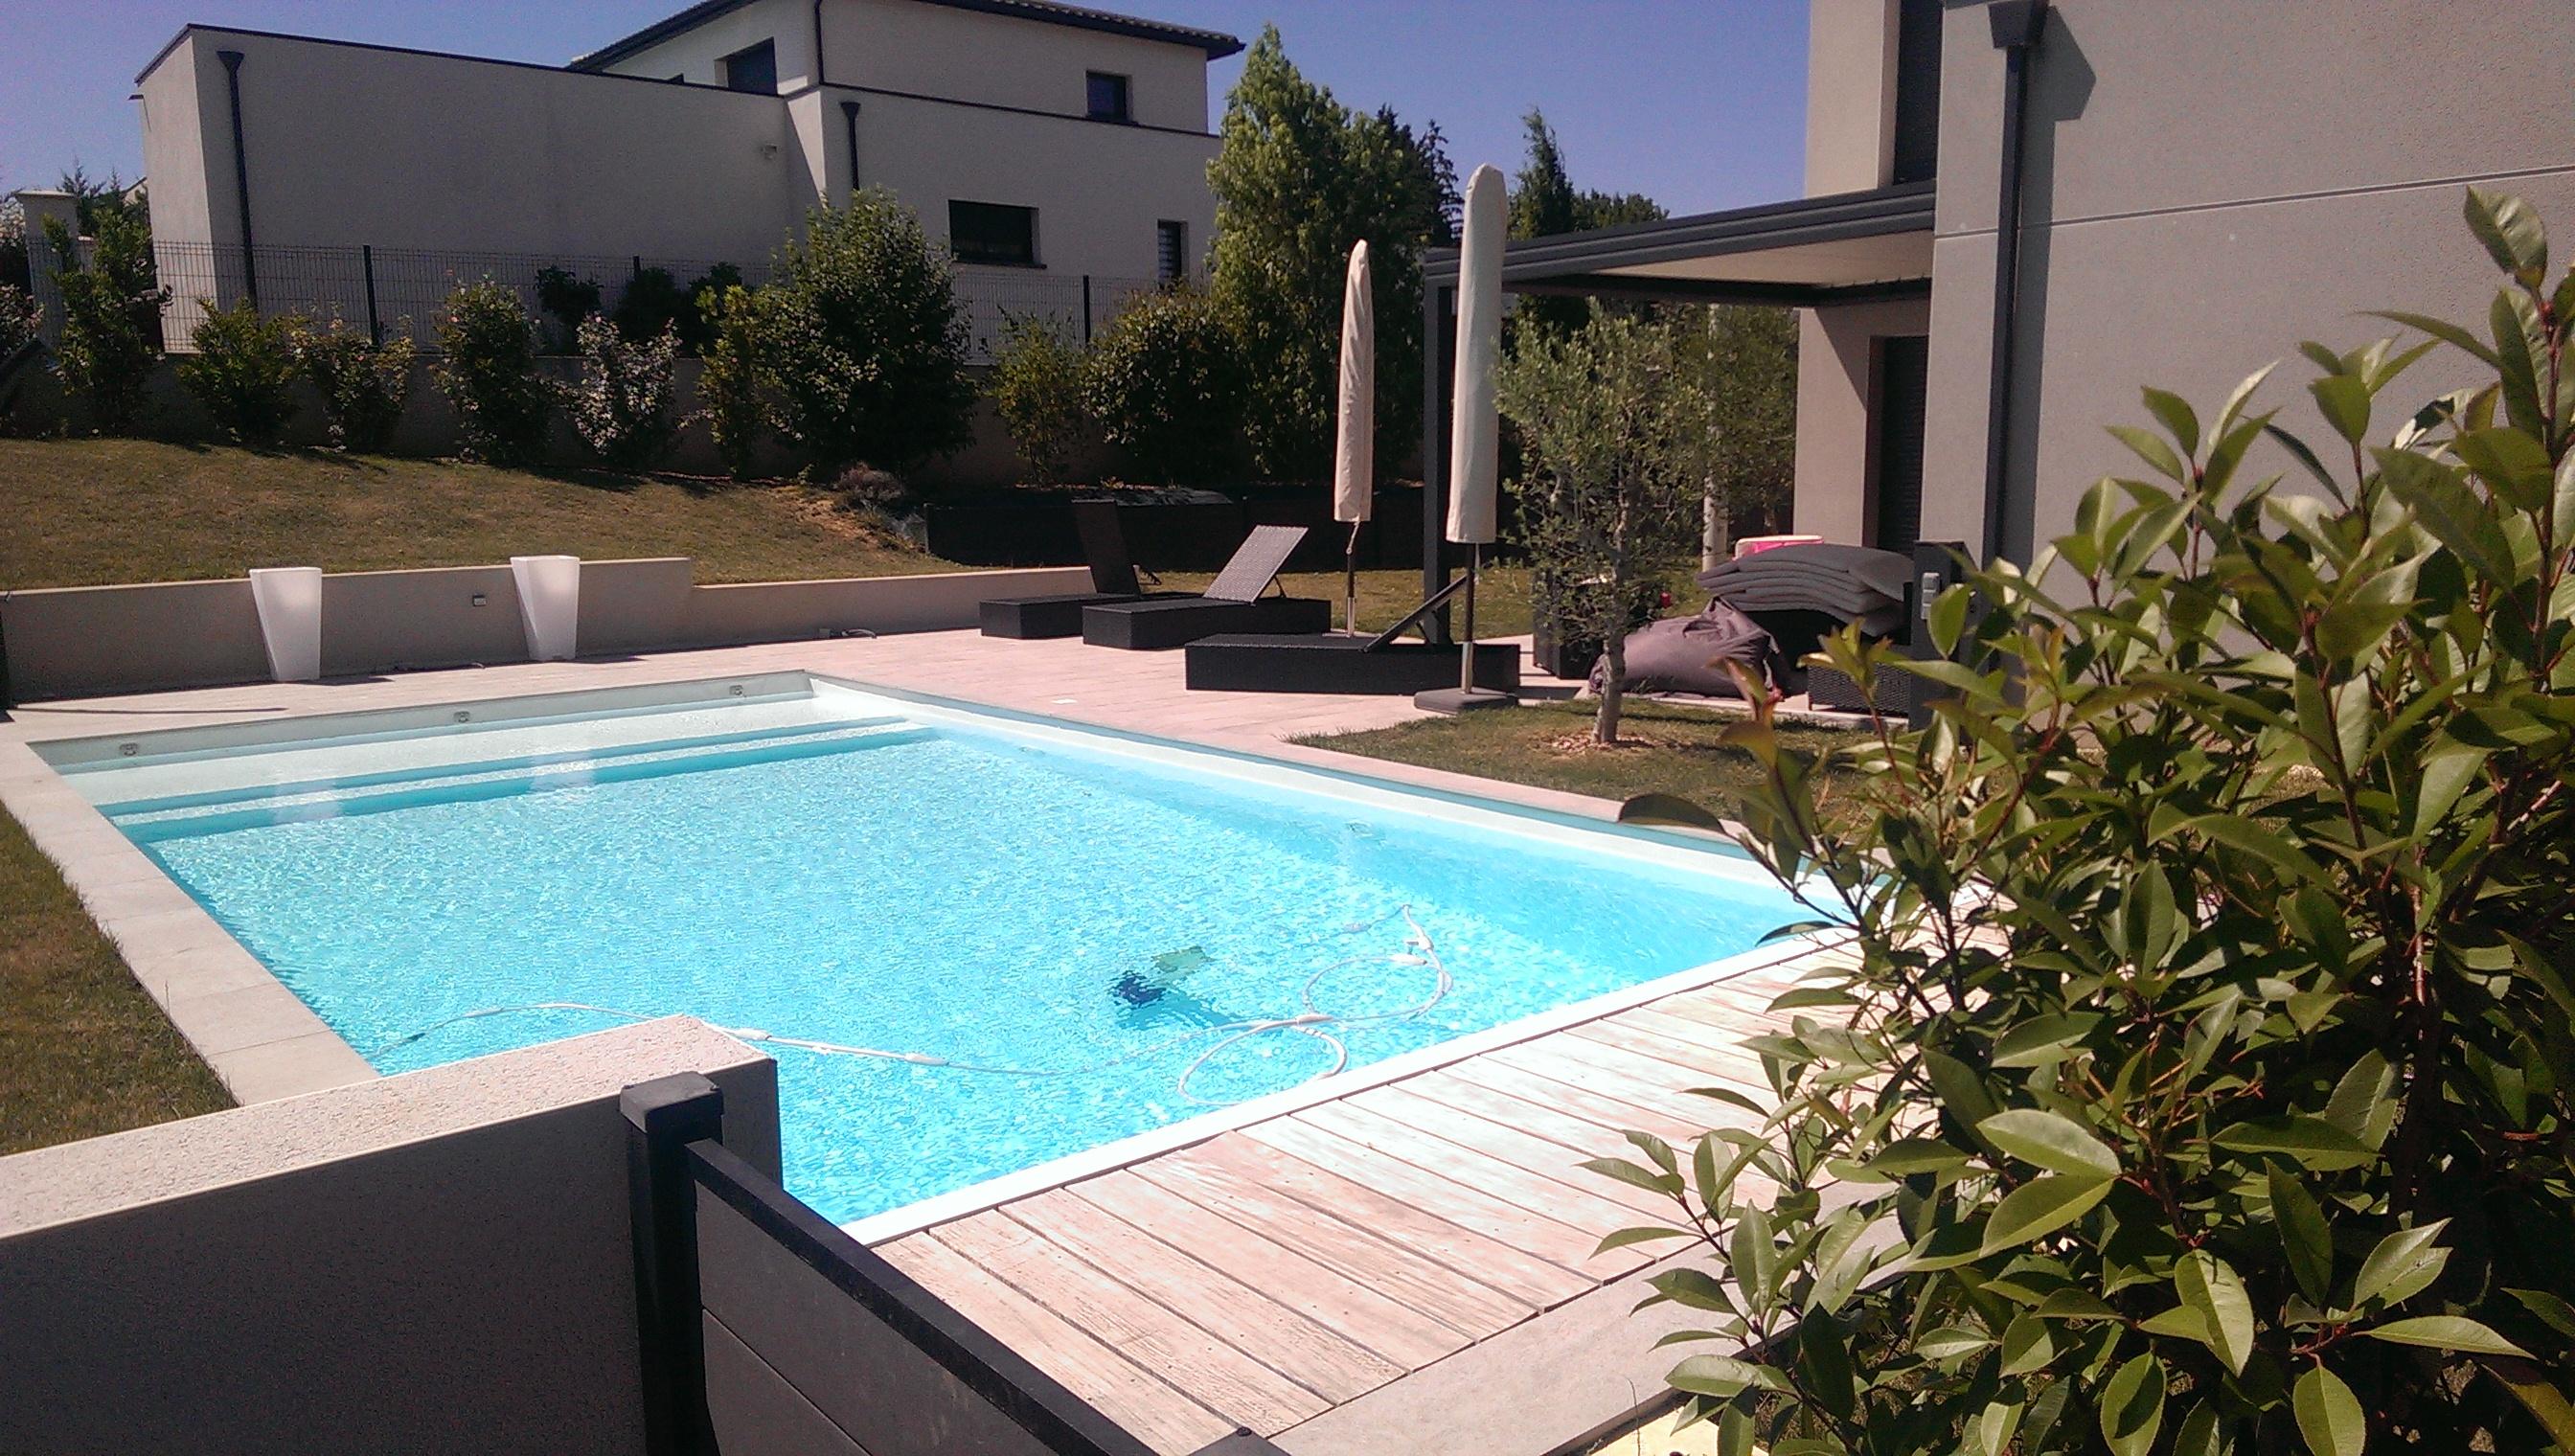 Entretien de piscines avec accès difficle : Archipel Piscine | Villefranche Beaujolais Lyon